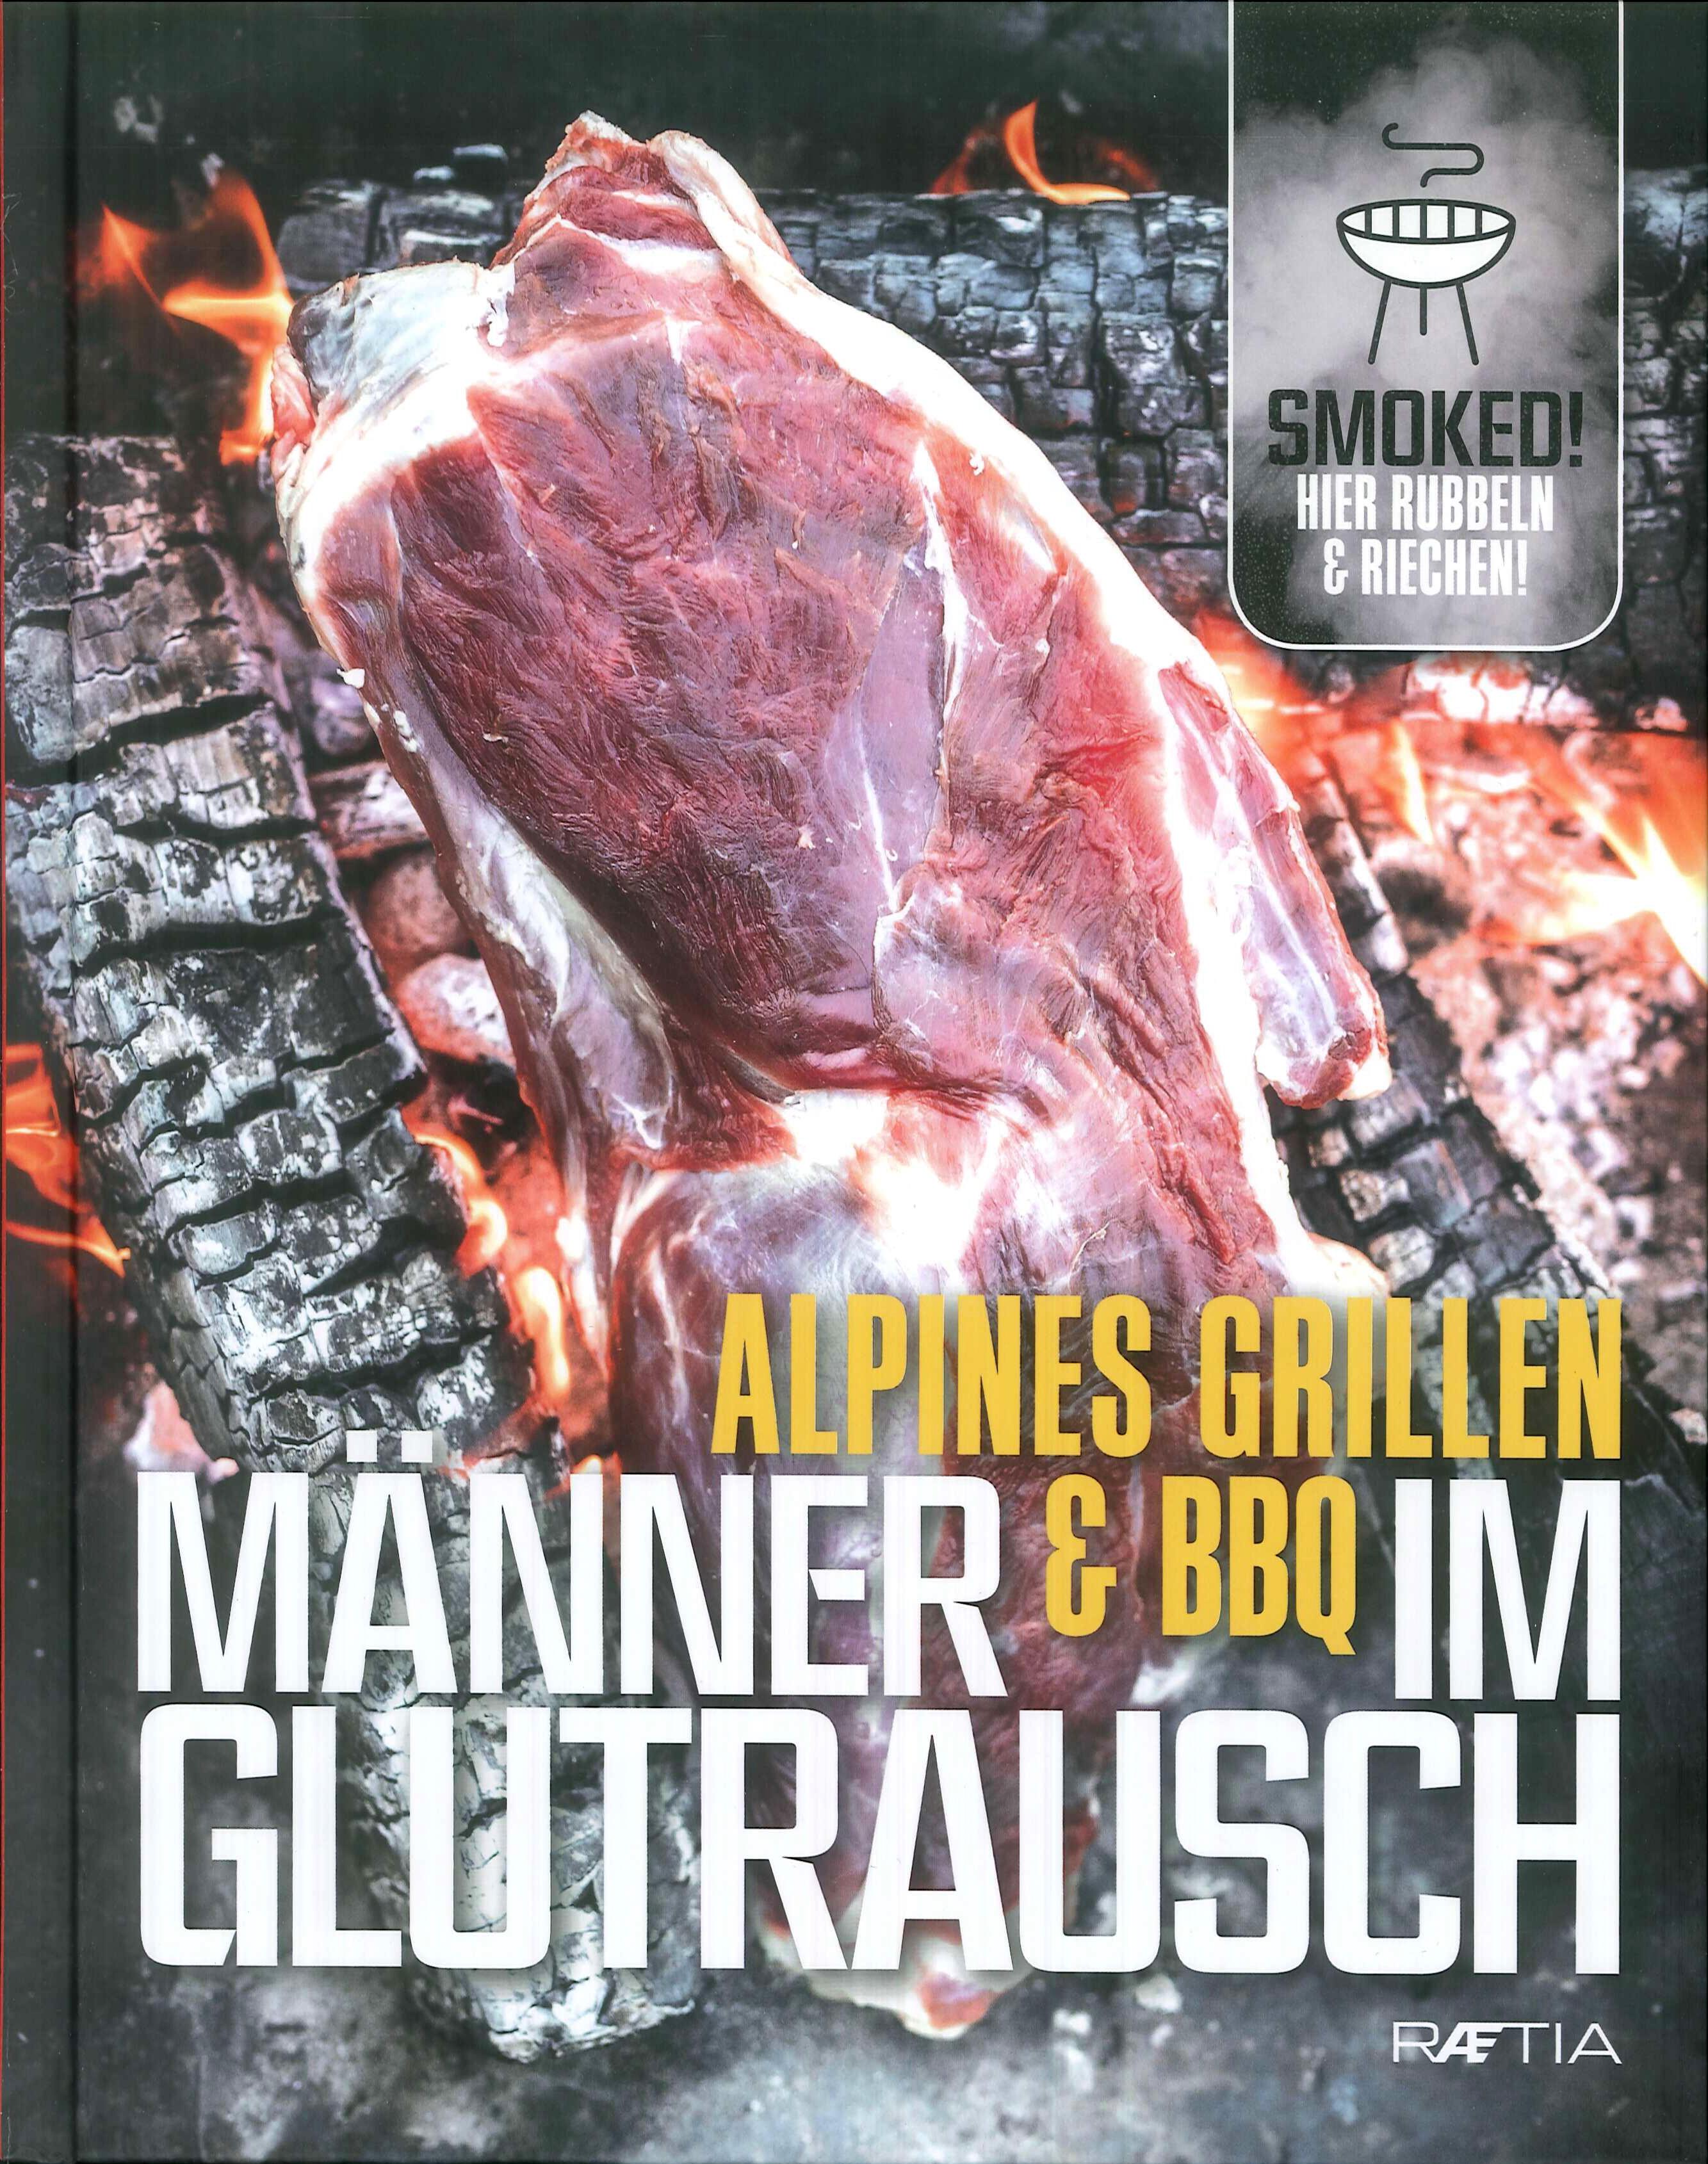 Alpines grillen manner & bbq im glutraus